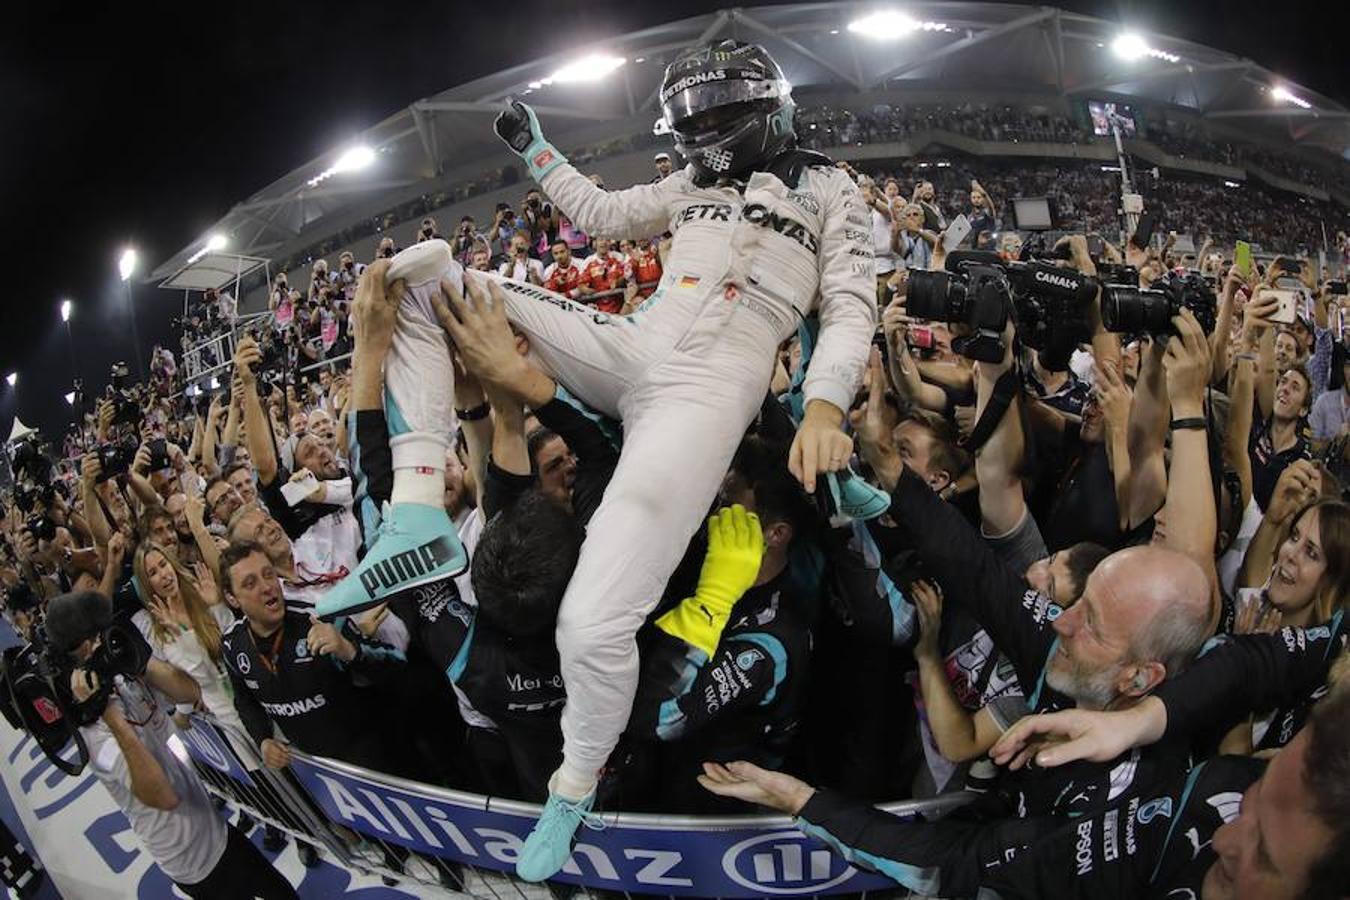 La carrera de Rosberg, en imágenes